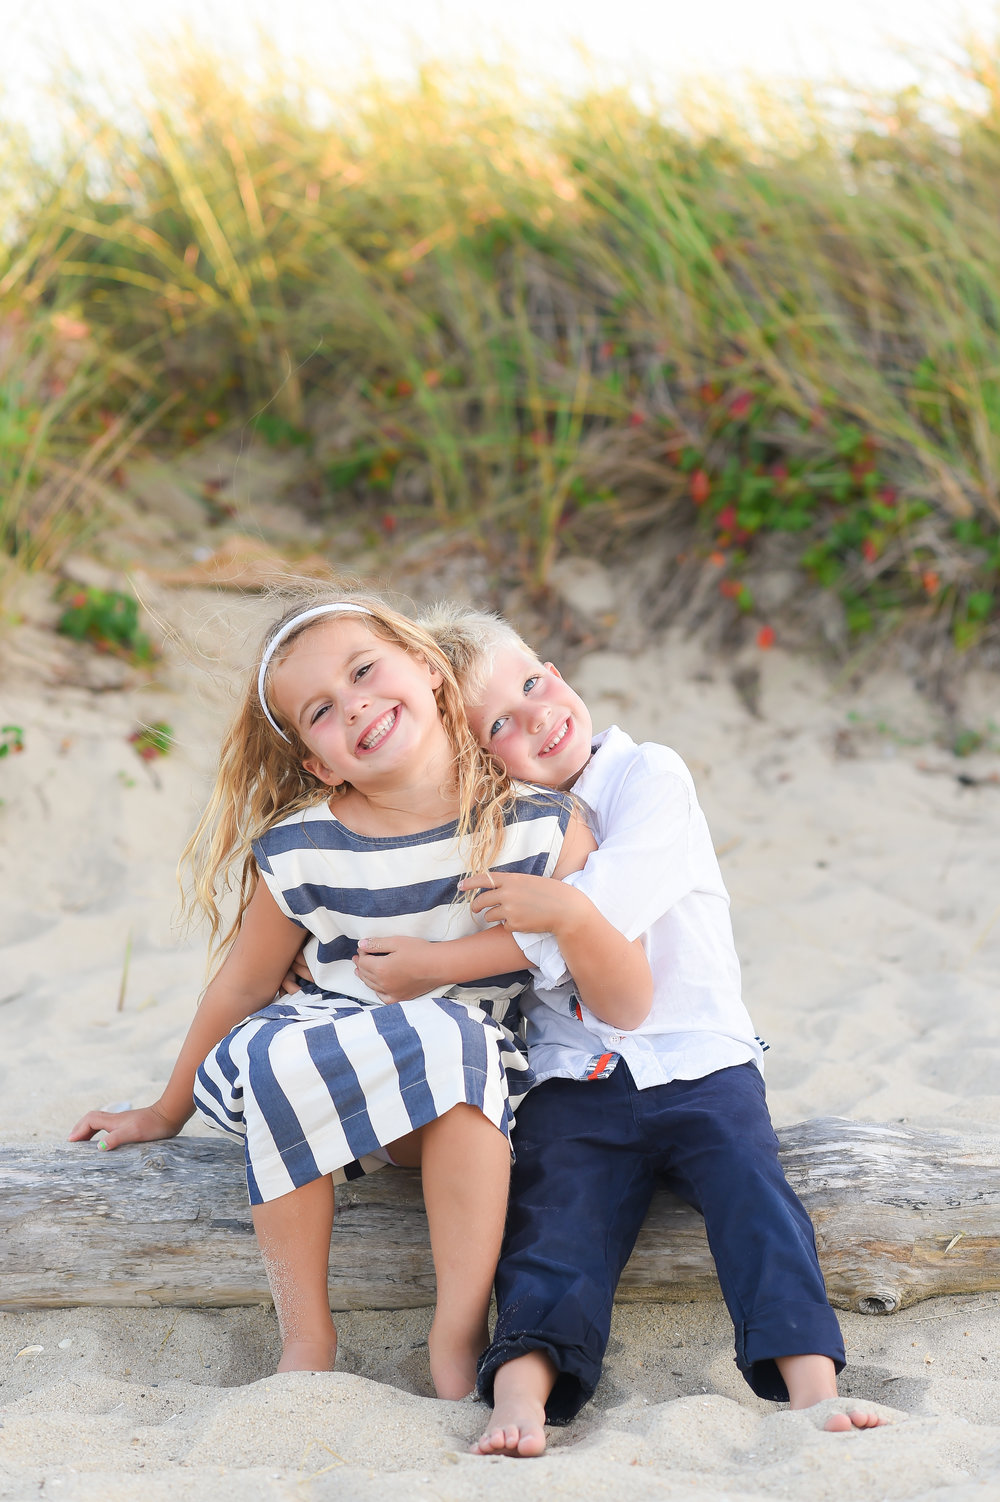 Nantucket Family Photos at the beach